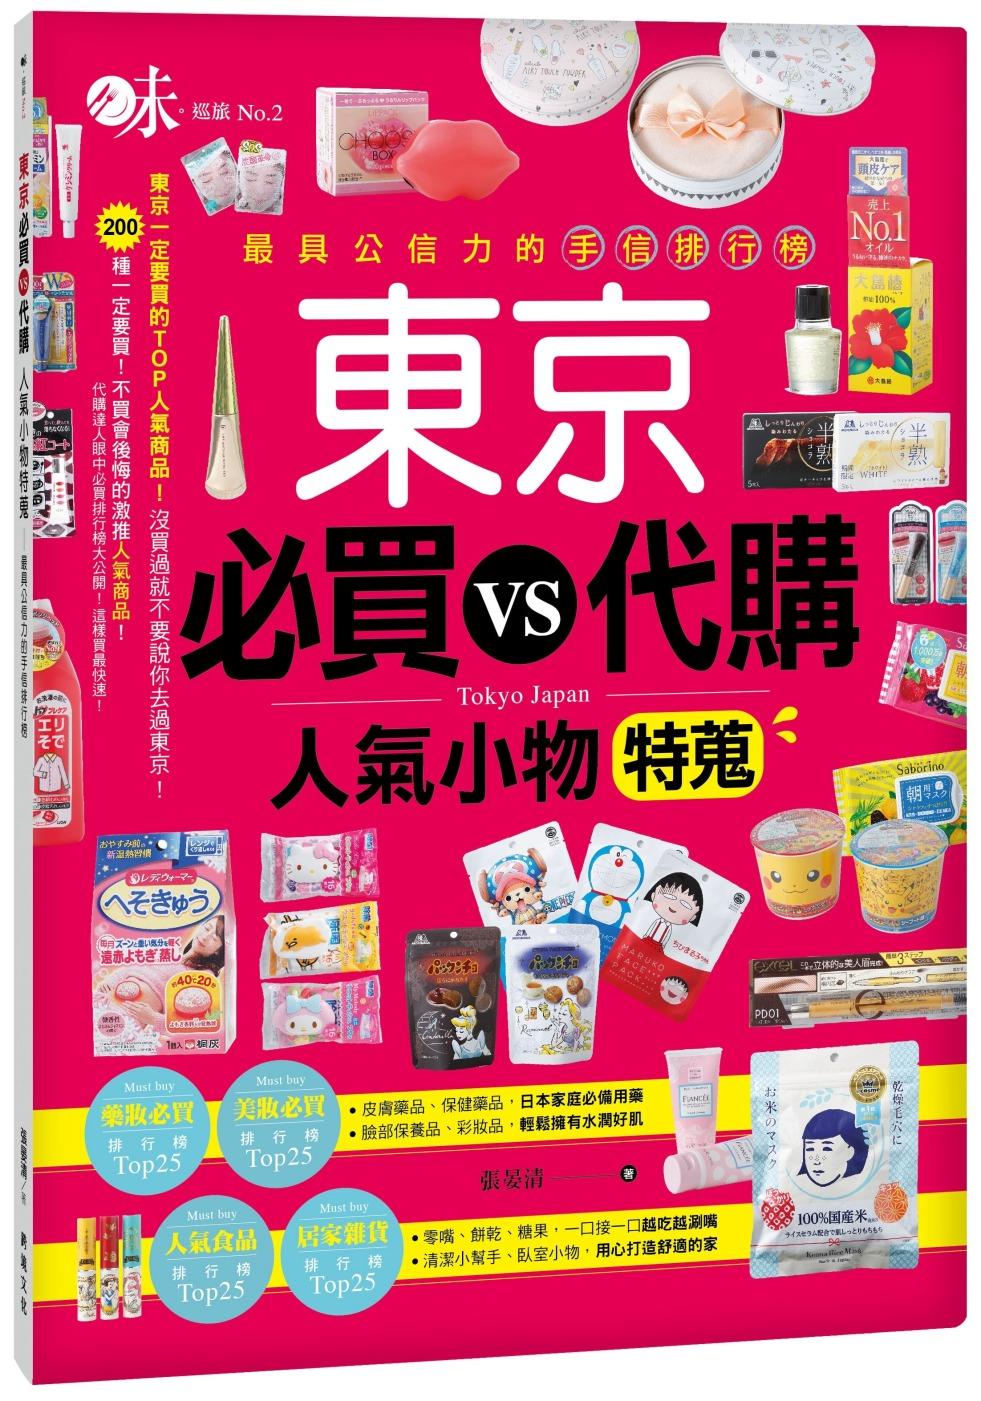 ◤博客來BOOKS◢ 暢銷書榜《推薦》東京 必買VS代購 人氣小物特蒐:最具公信力的手信排行榜